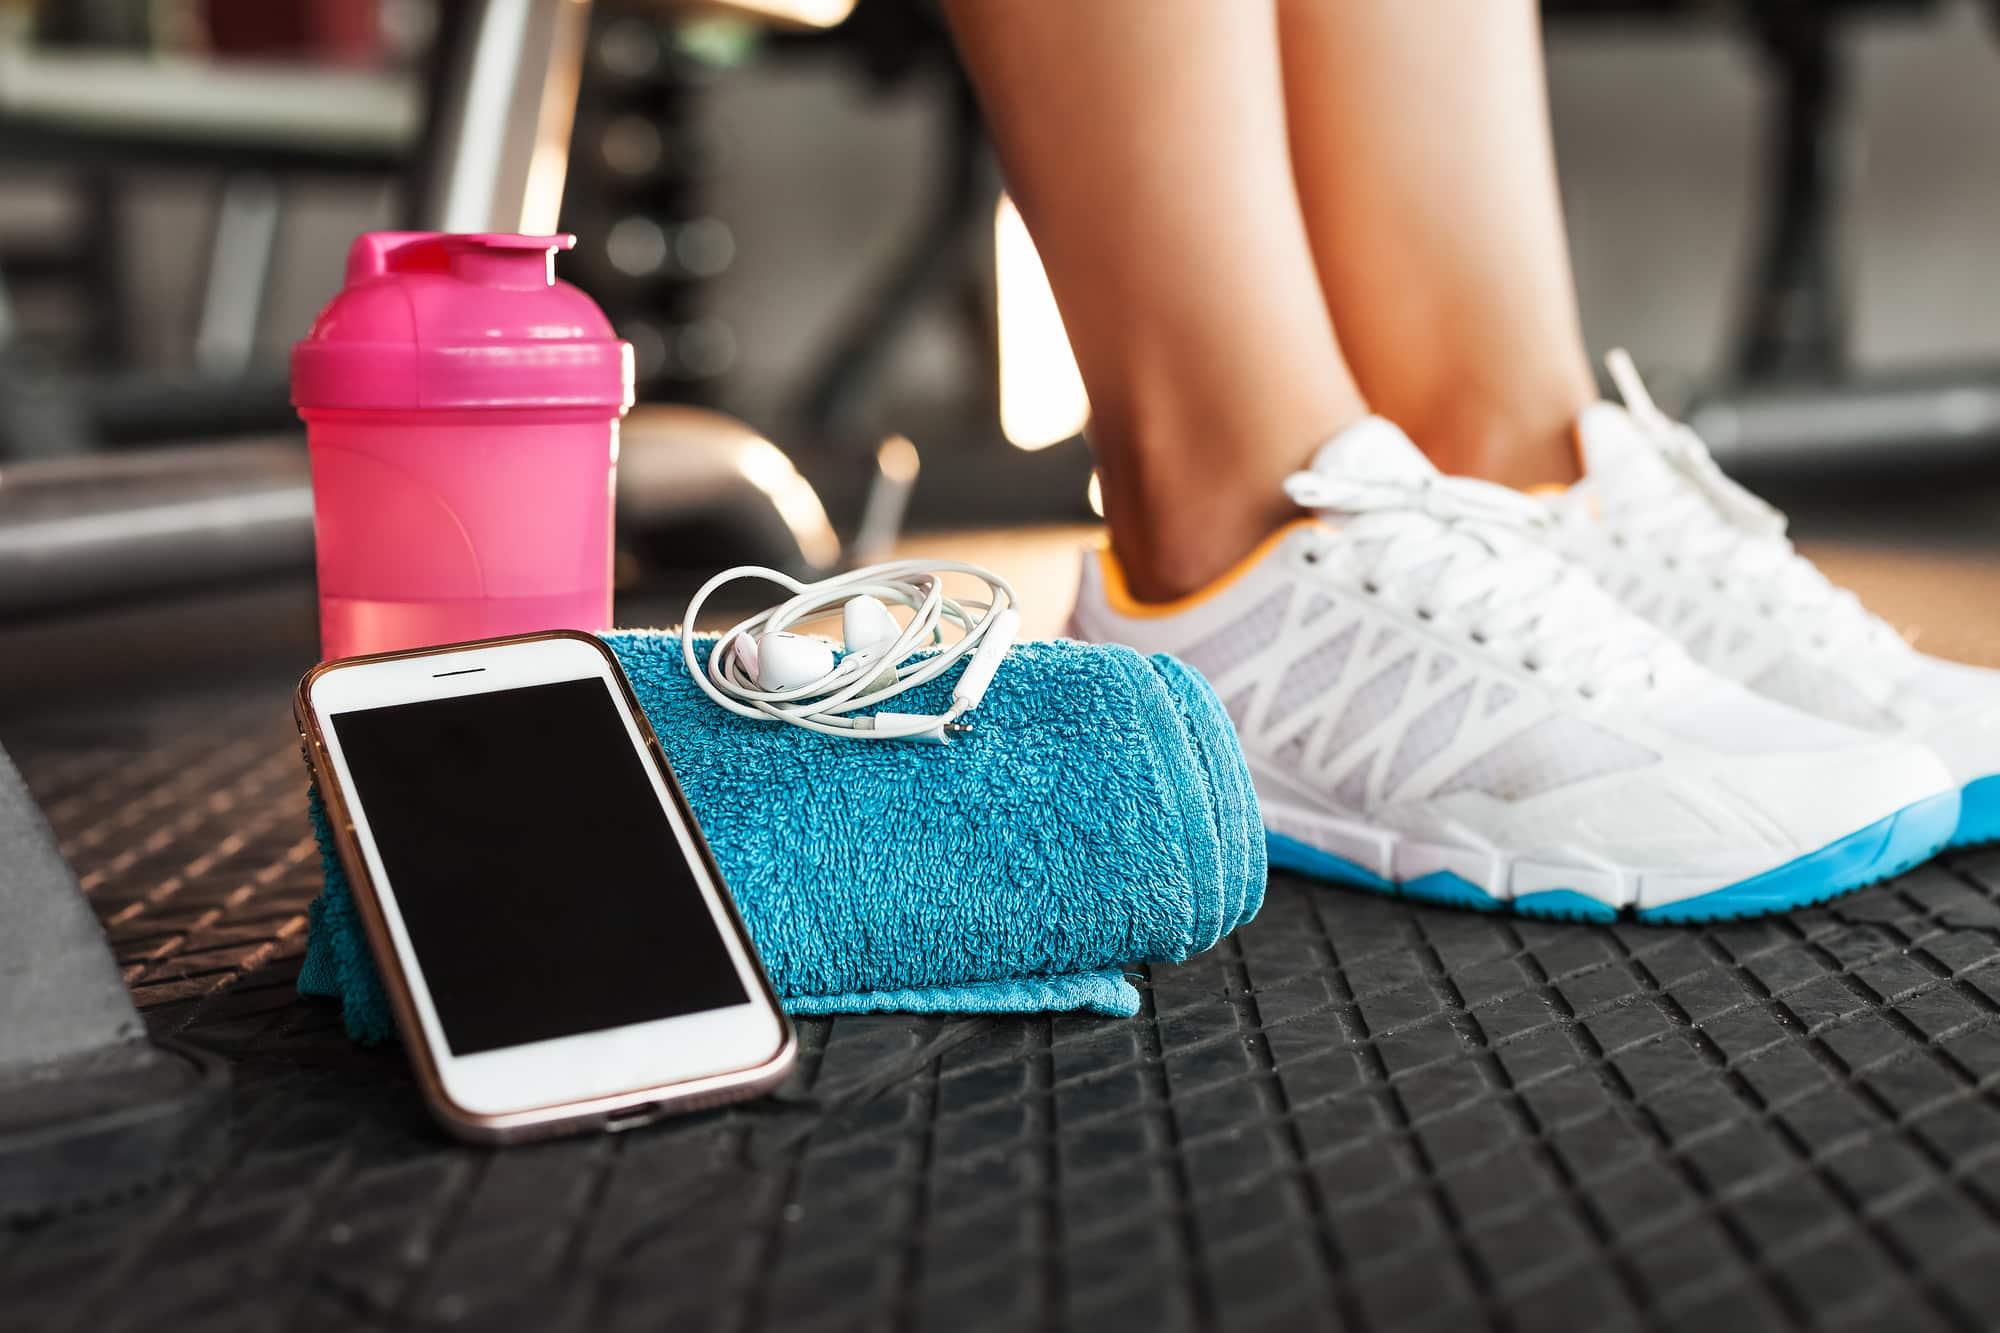 Fitness App Image-min.jpg